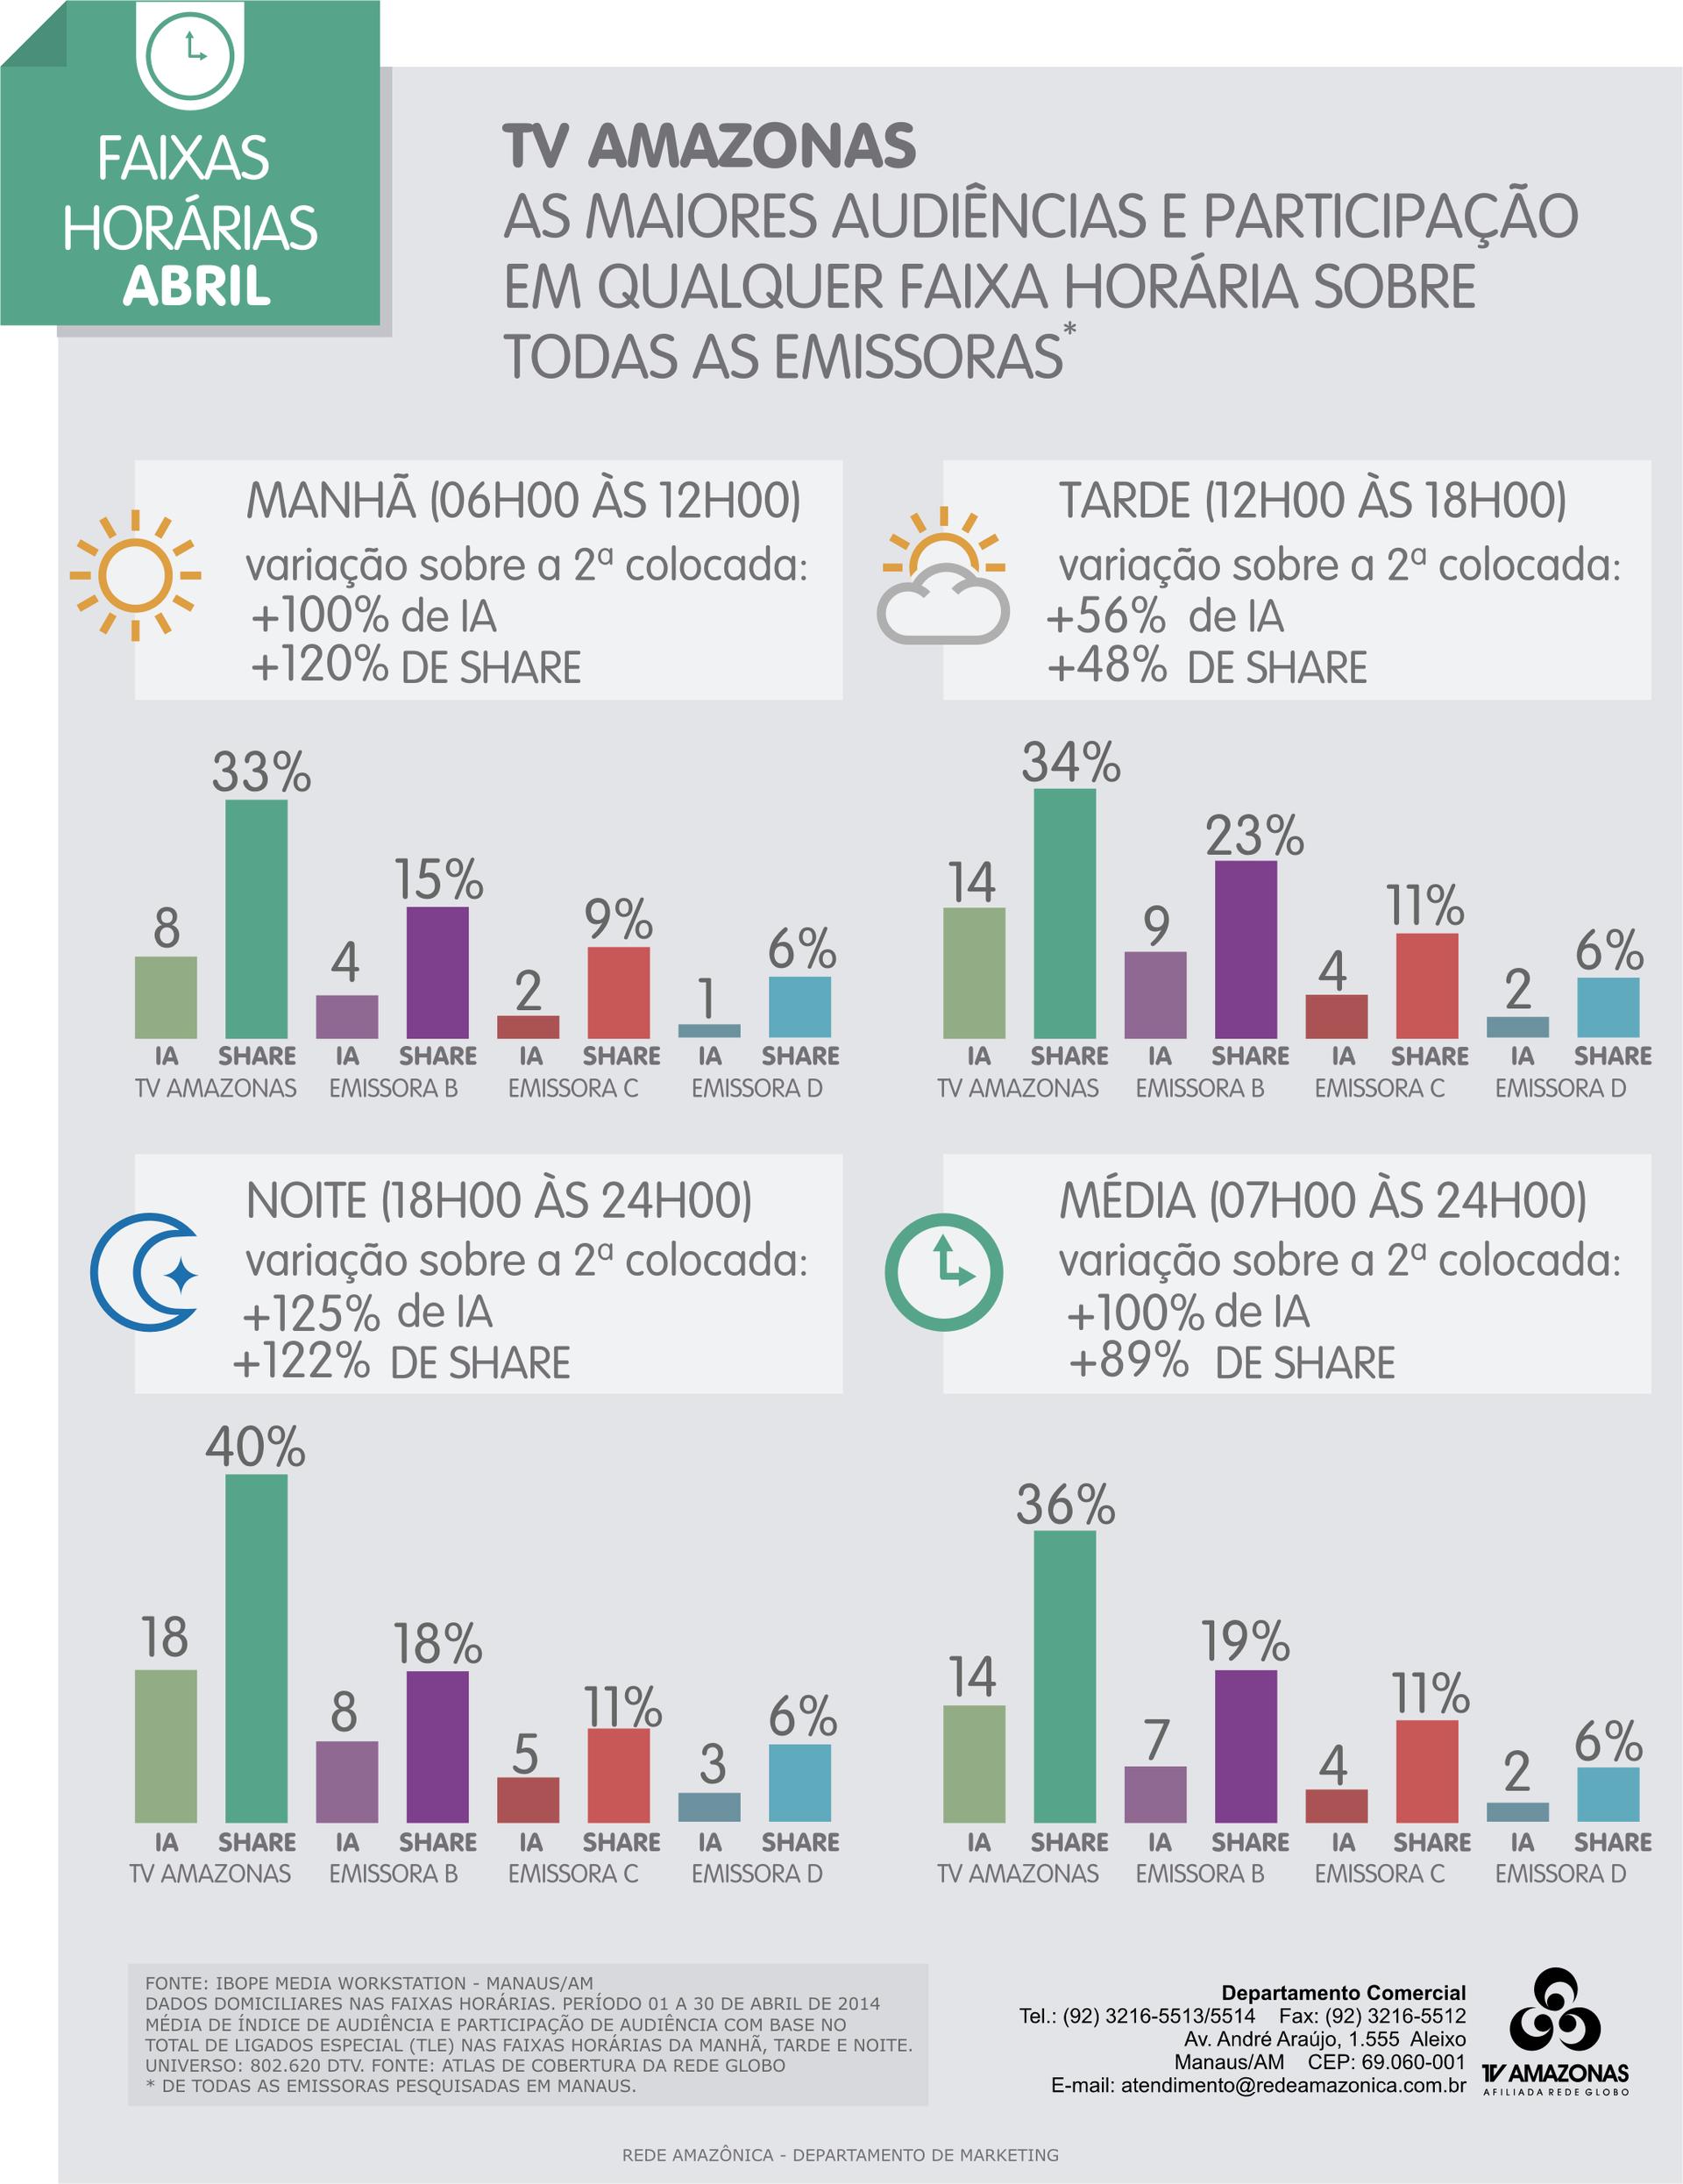 TV Amazonas: audiências por faixas horárias no mês de abril/2014 (Foto: TV Amazonas)